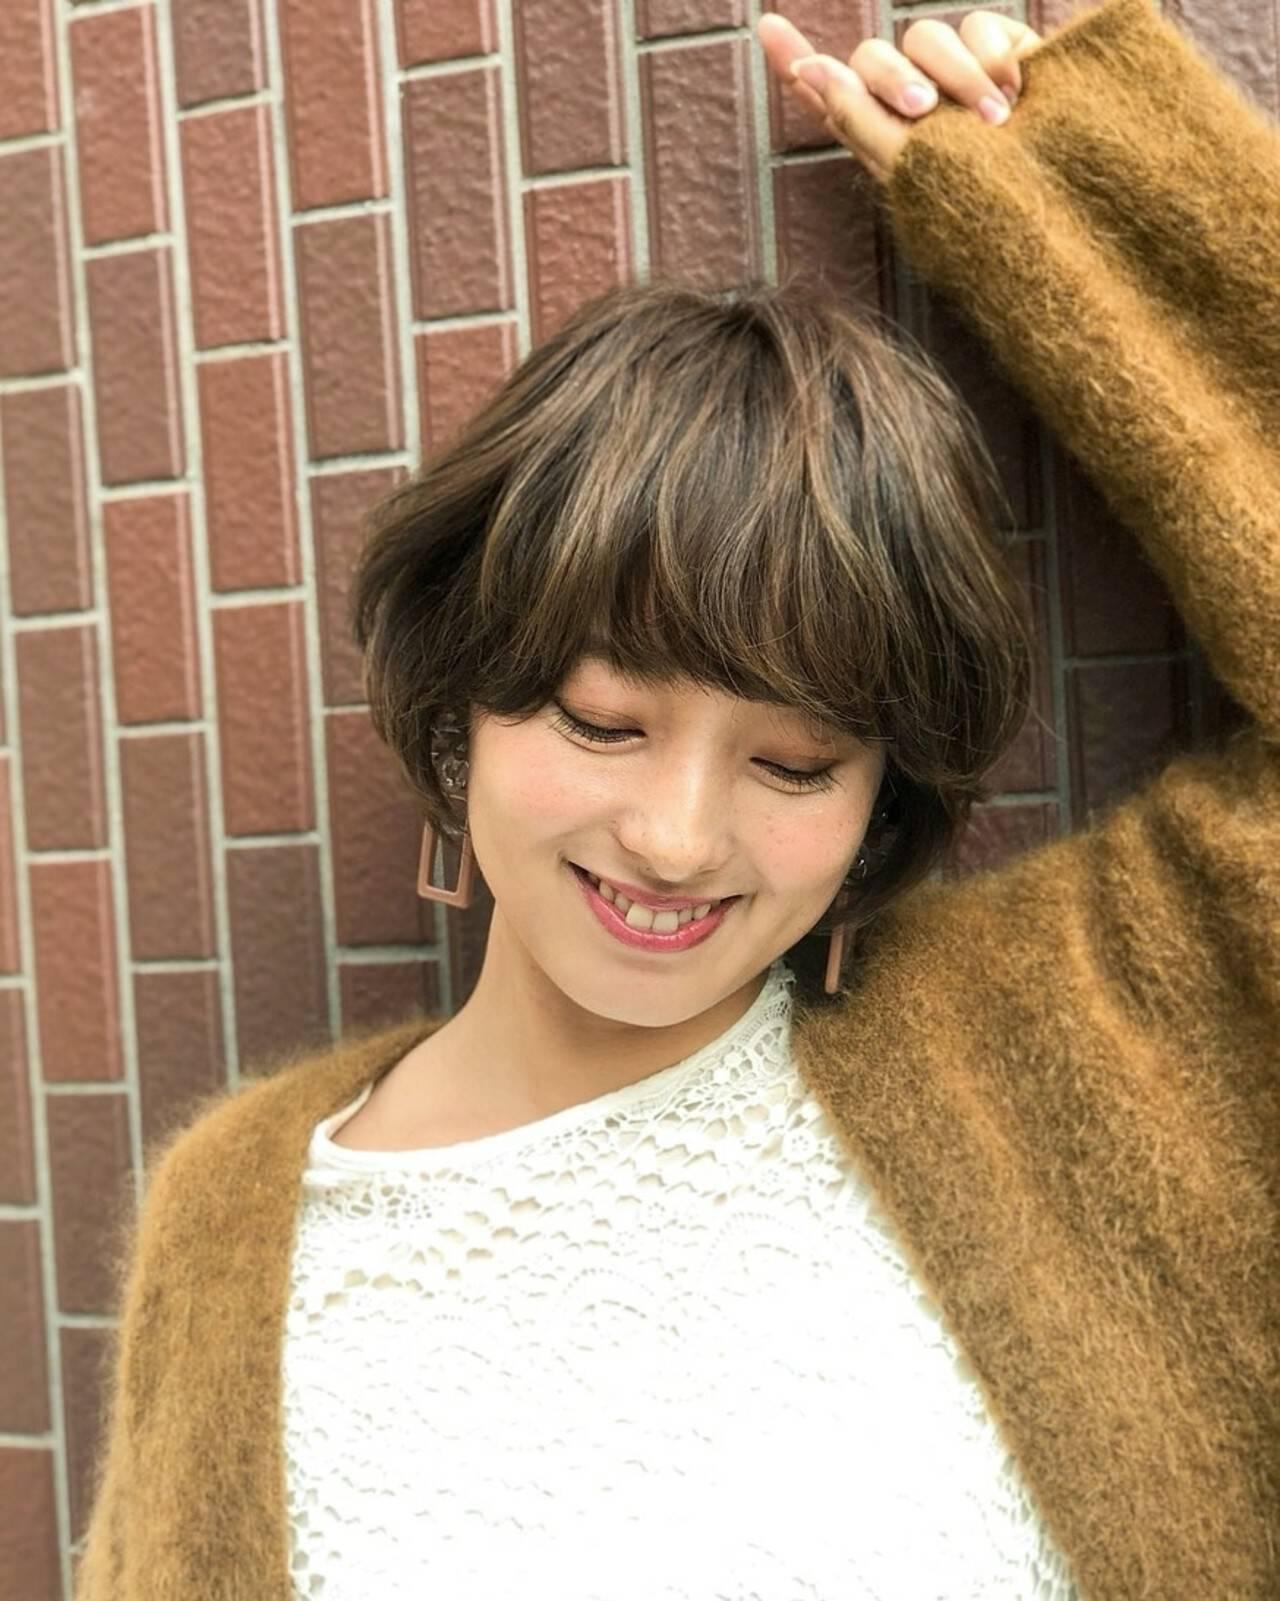 マッシュ ハイライト 大人かわいい アッシュヘアスタイルや髪型の写真・画像